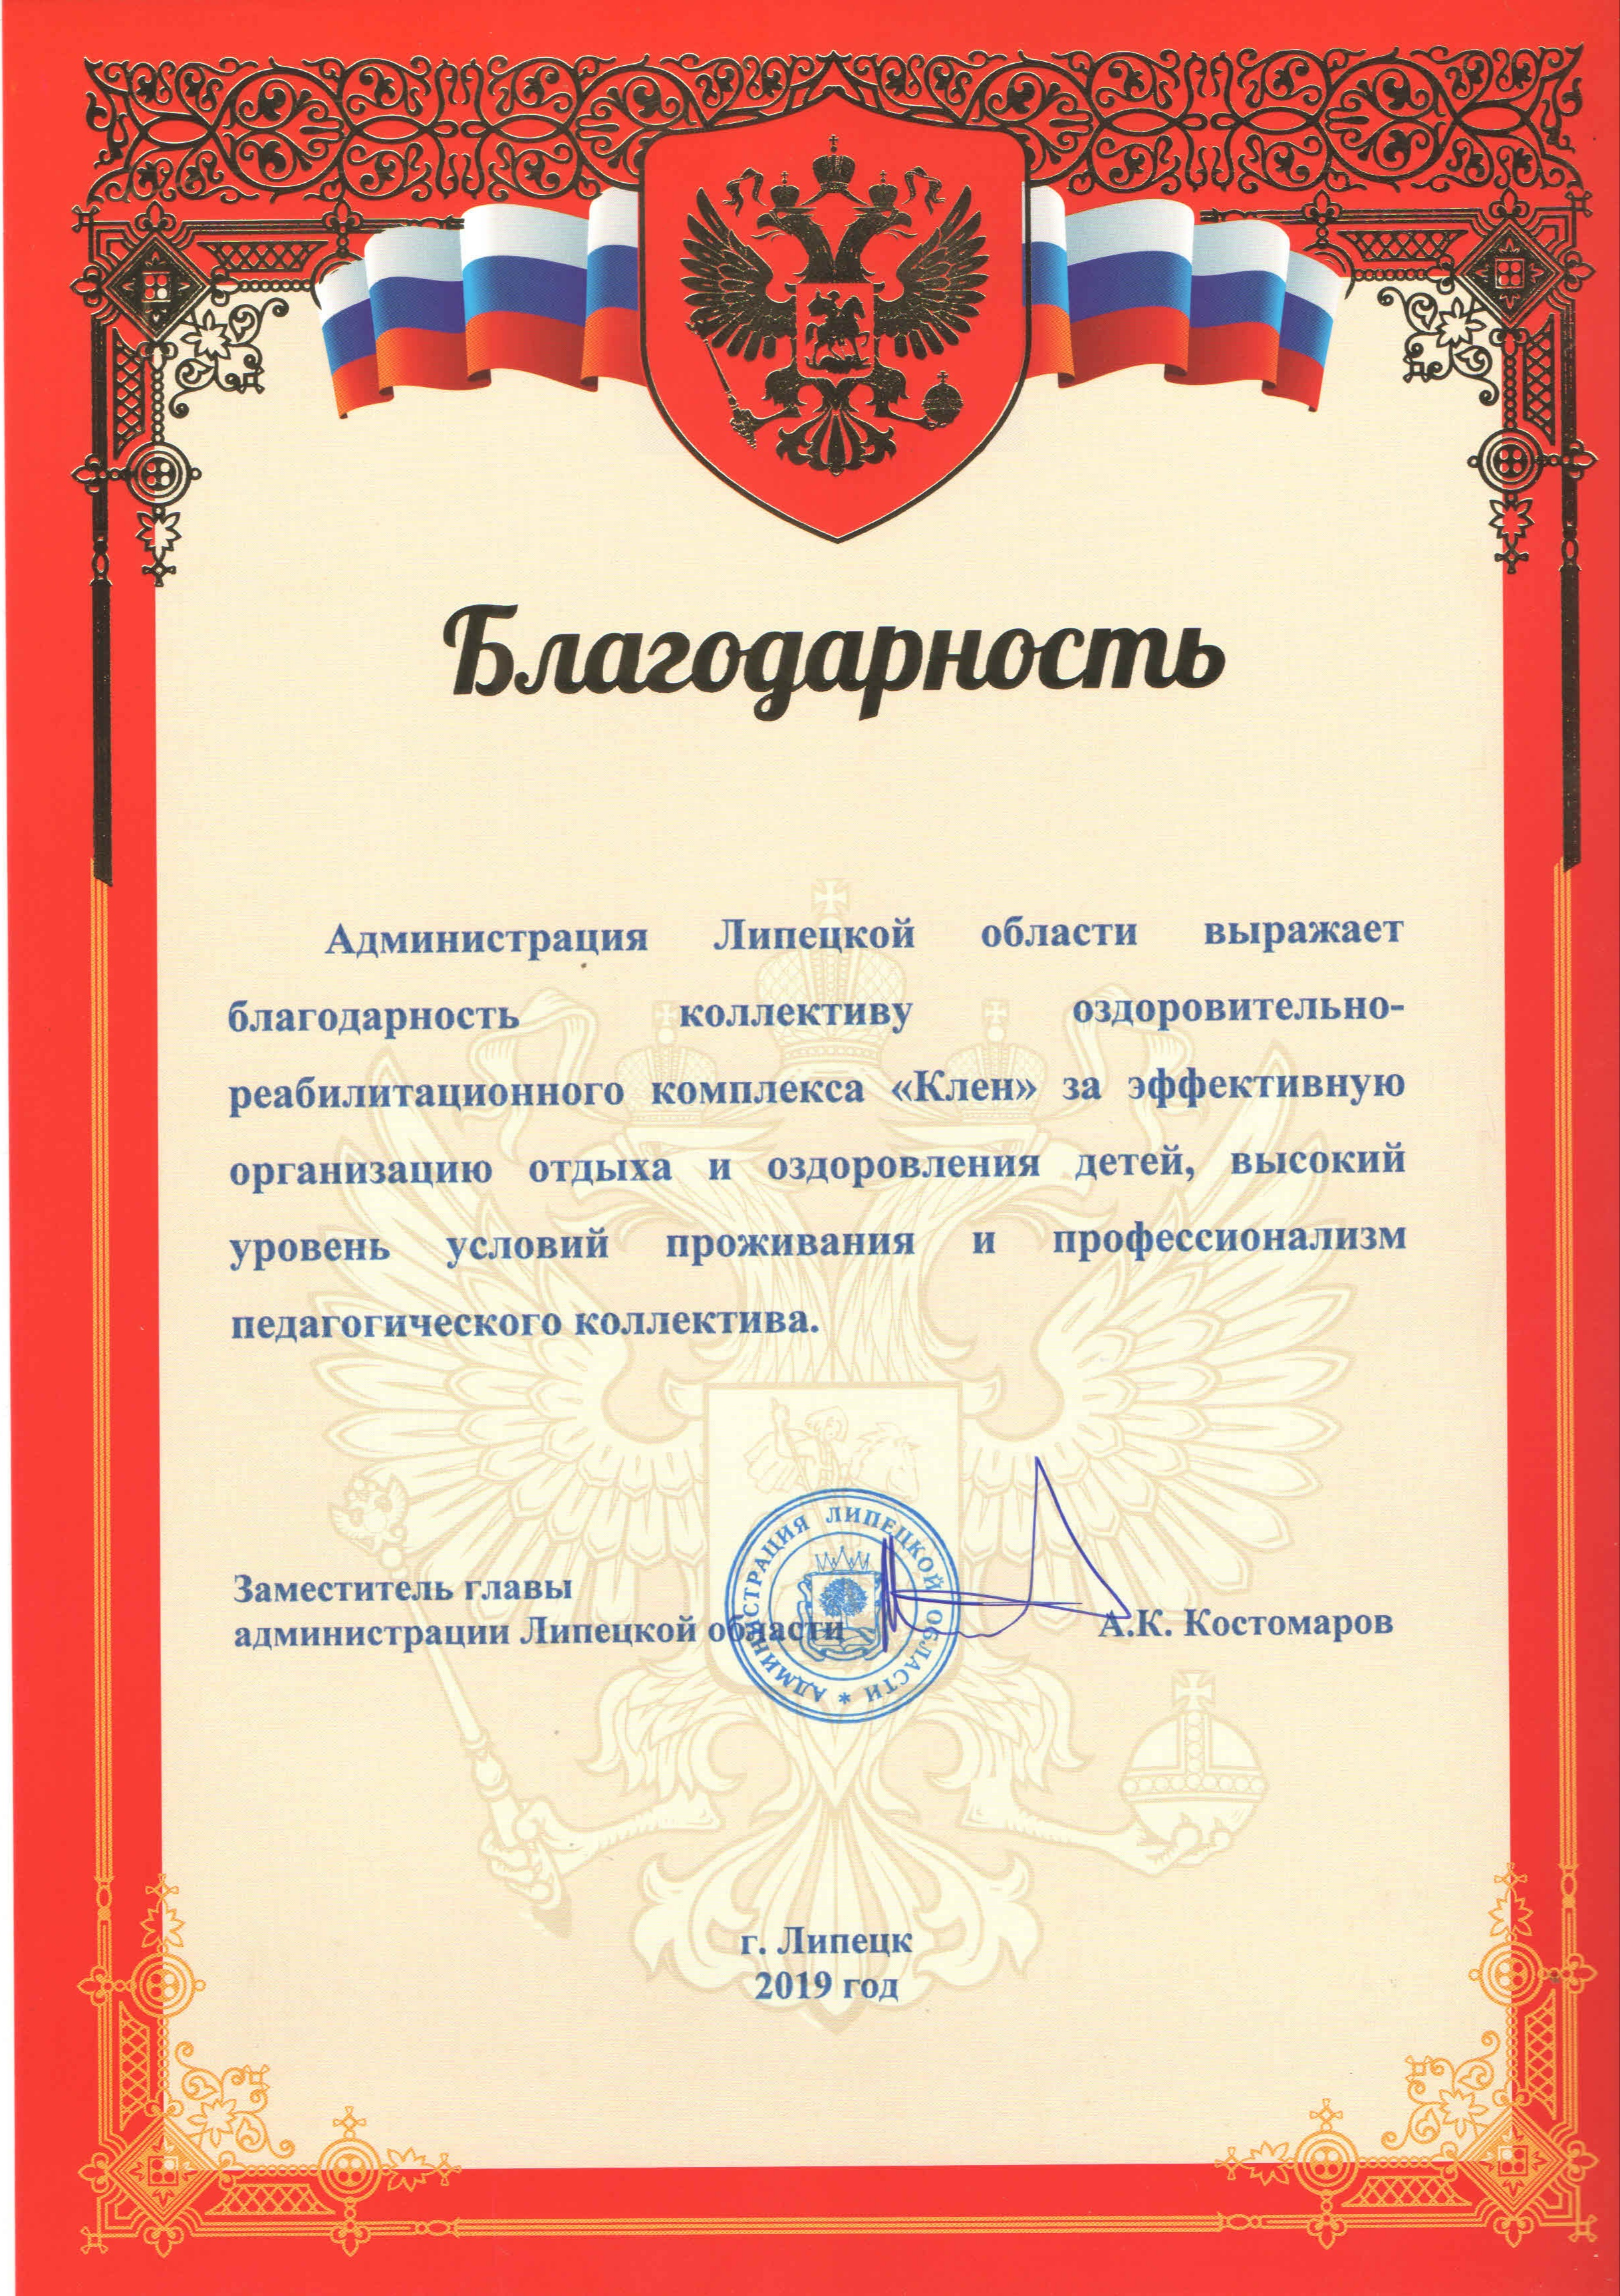 Благодарность от администрации Липецкой области